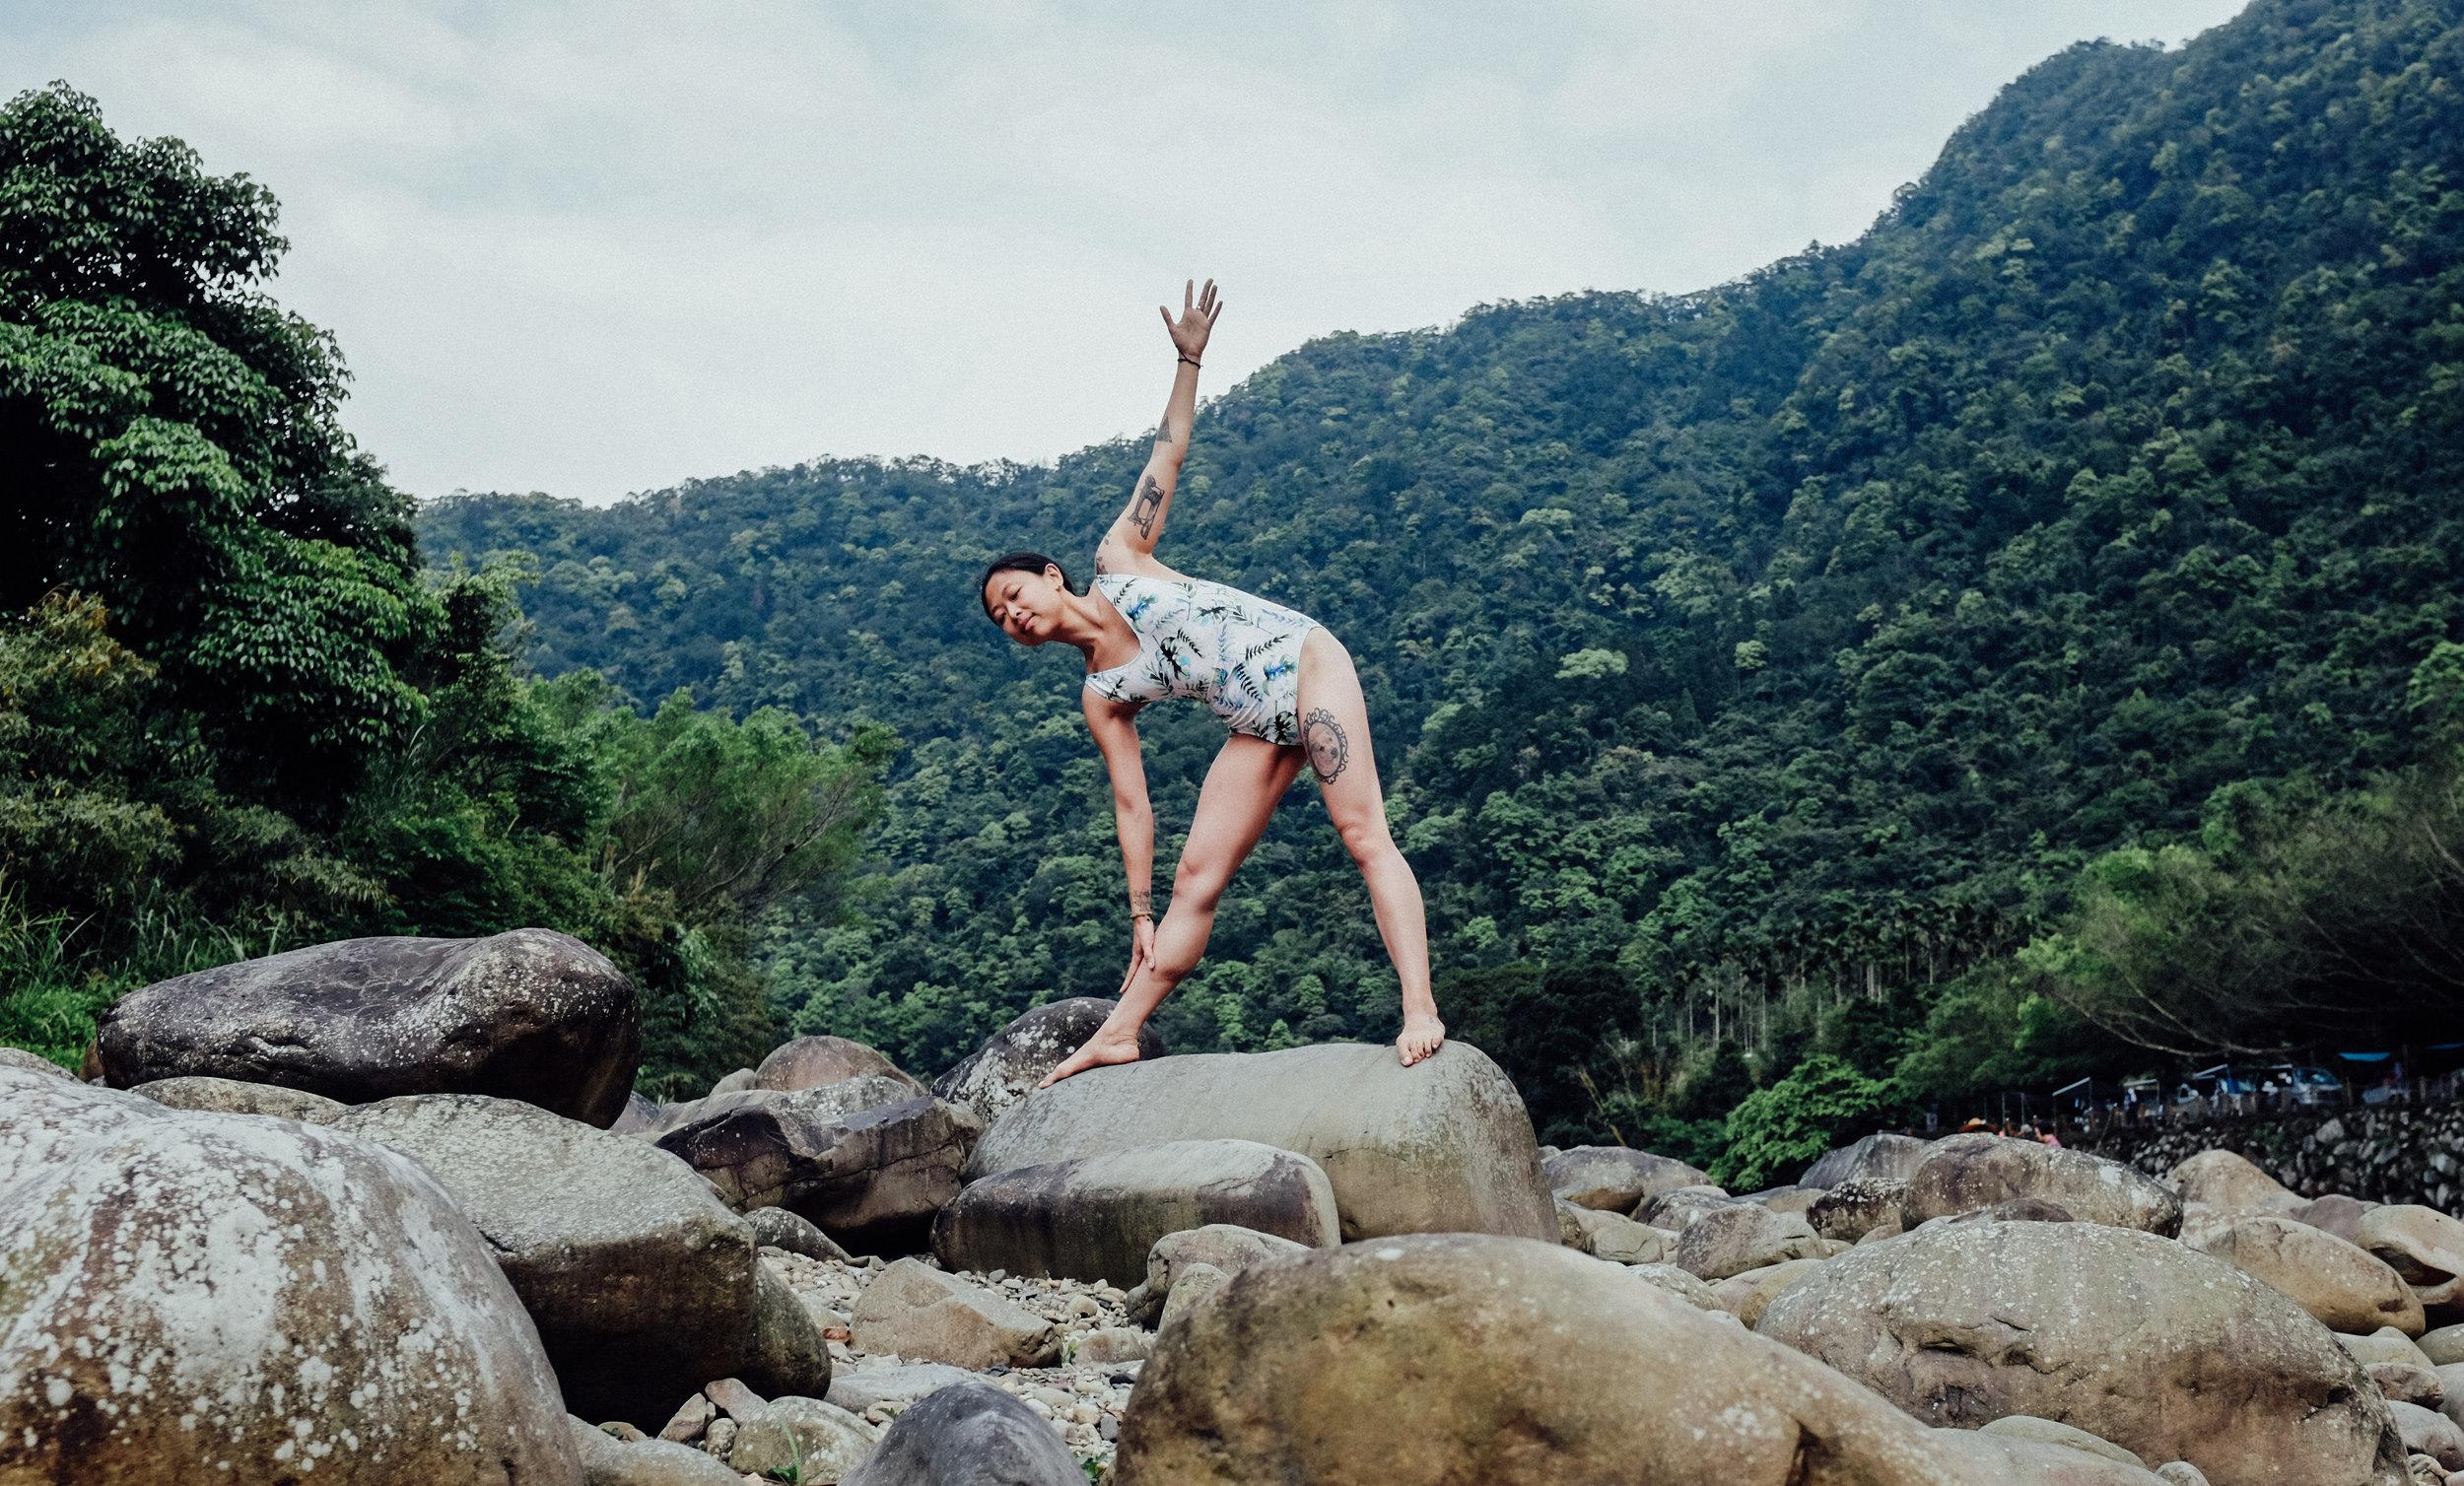 Asana_Seekers_Yoga_In_Taipei-6313.jpg